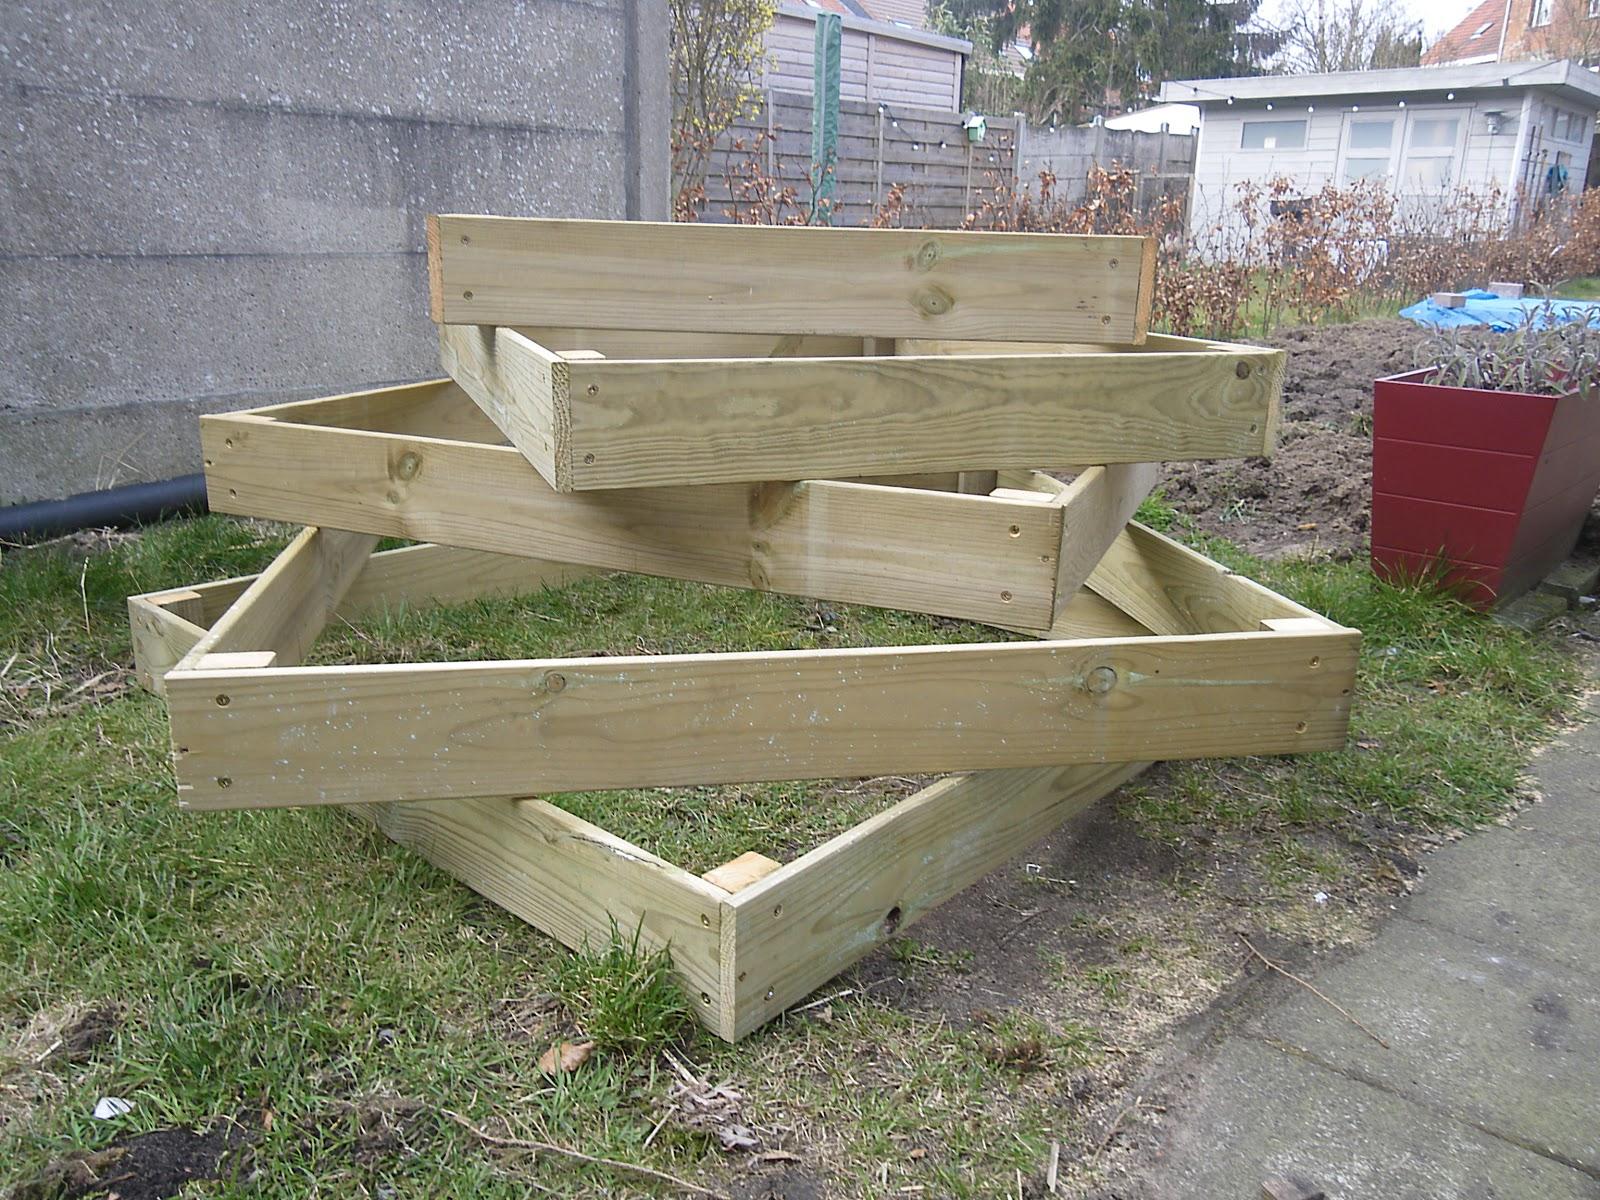 Moestuin Zelf Maken : Vierkante meter tuinieren je eigen minimoestuin maken deel